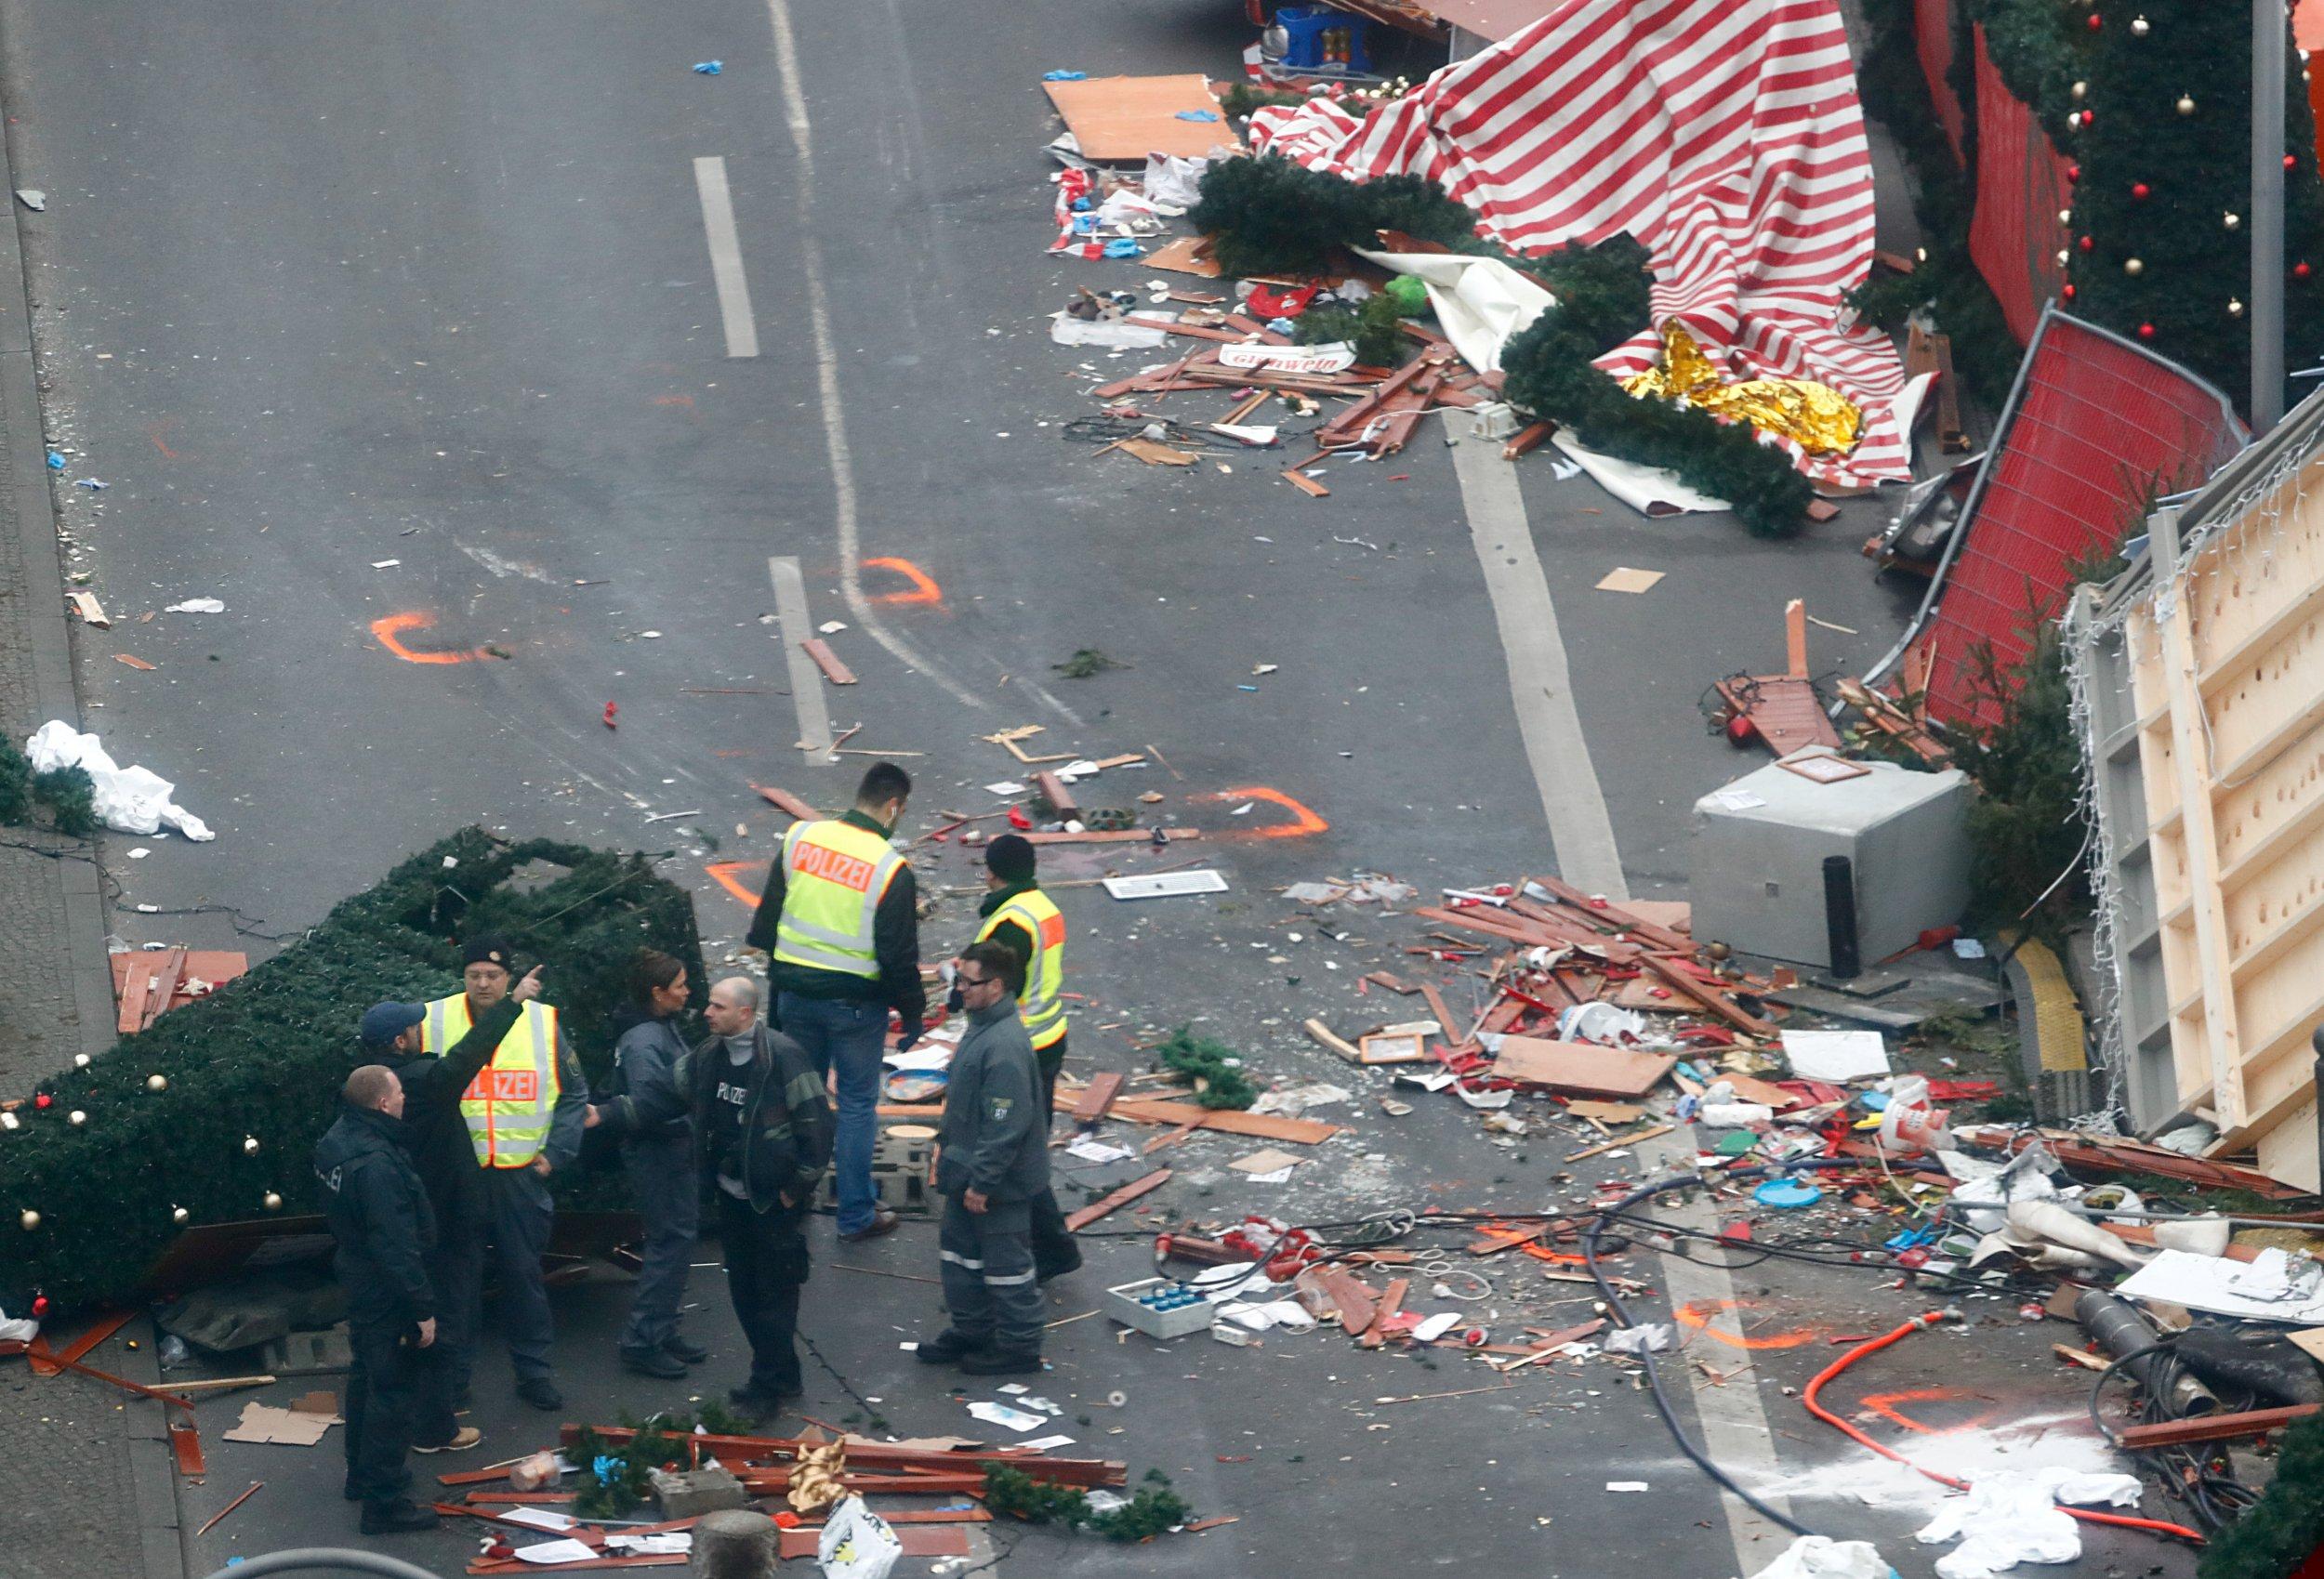 Berlin police inspect scene